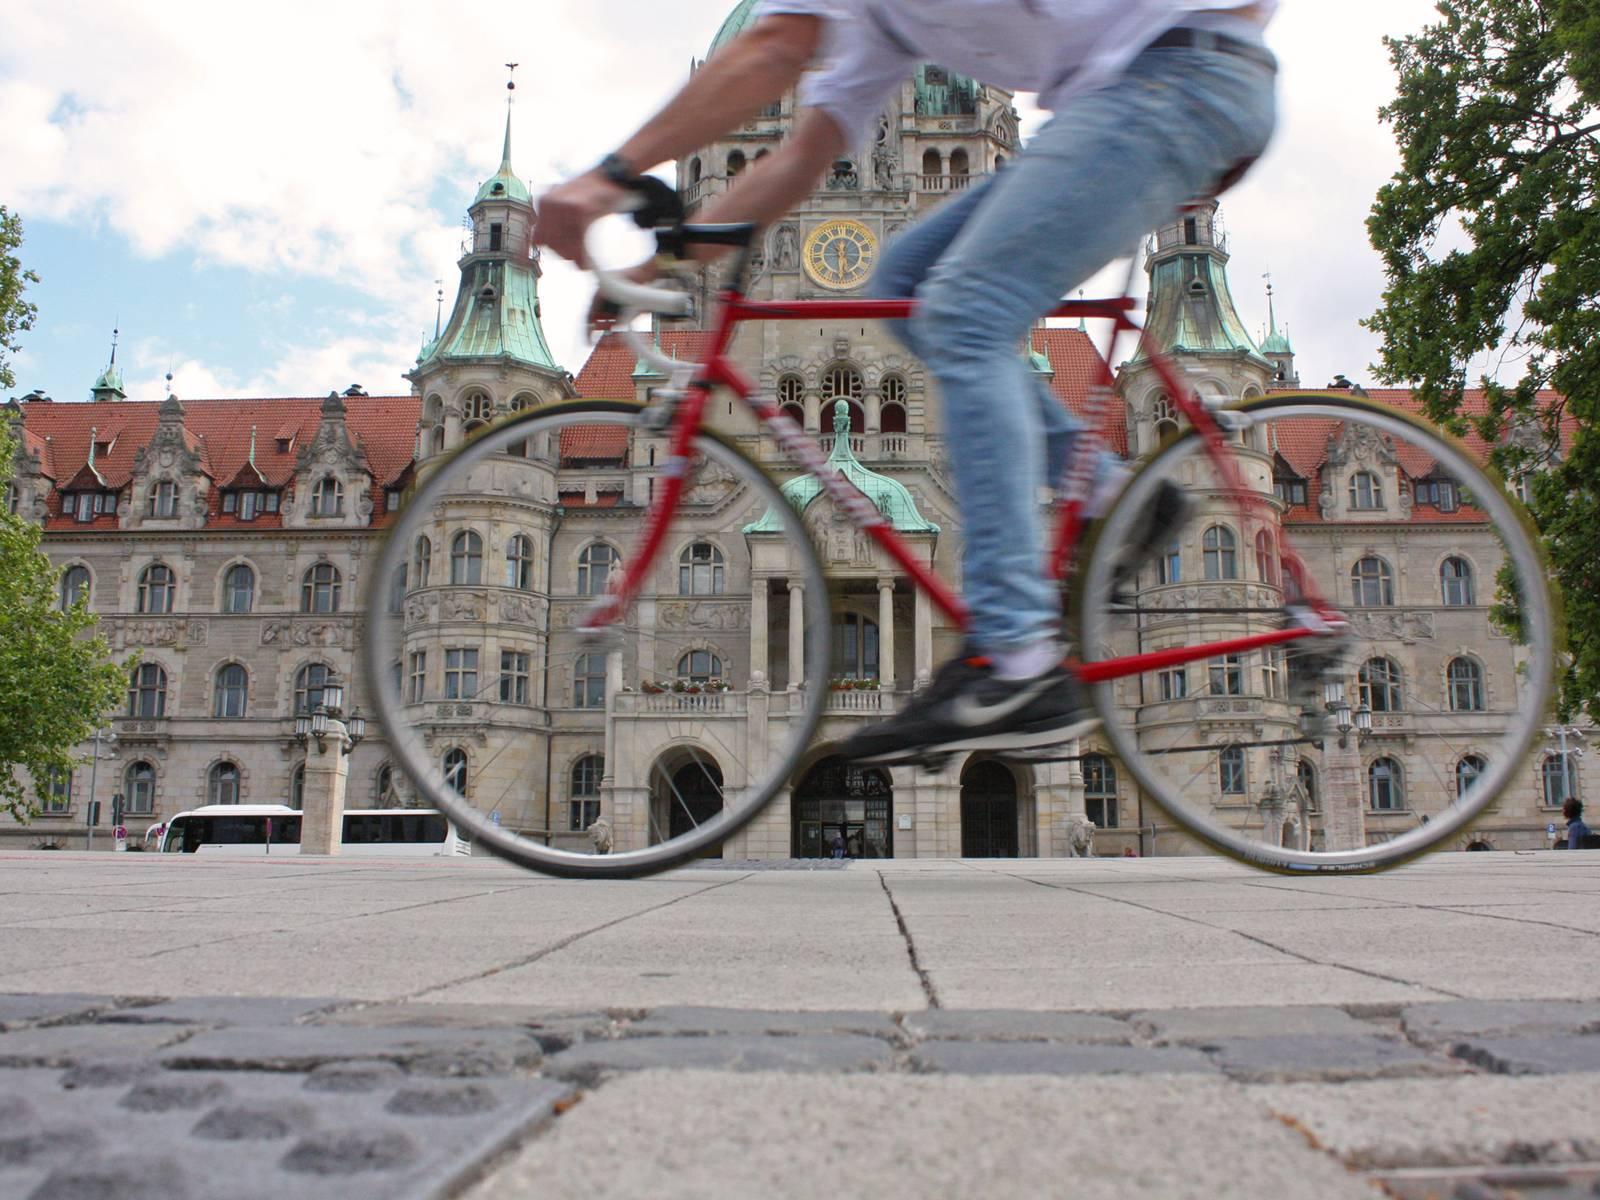 Radfahrer vor einem Rathaus.